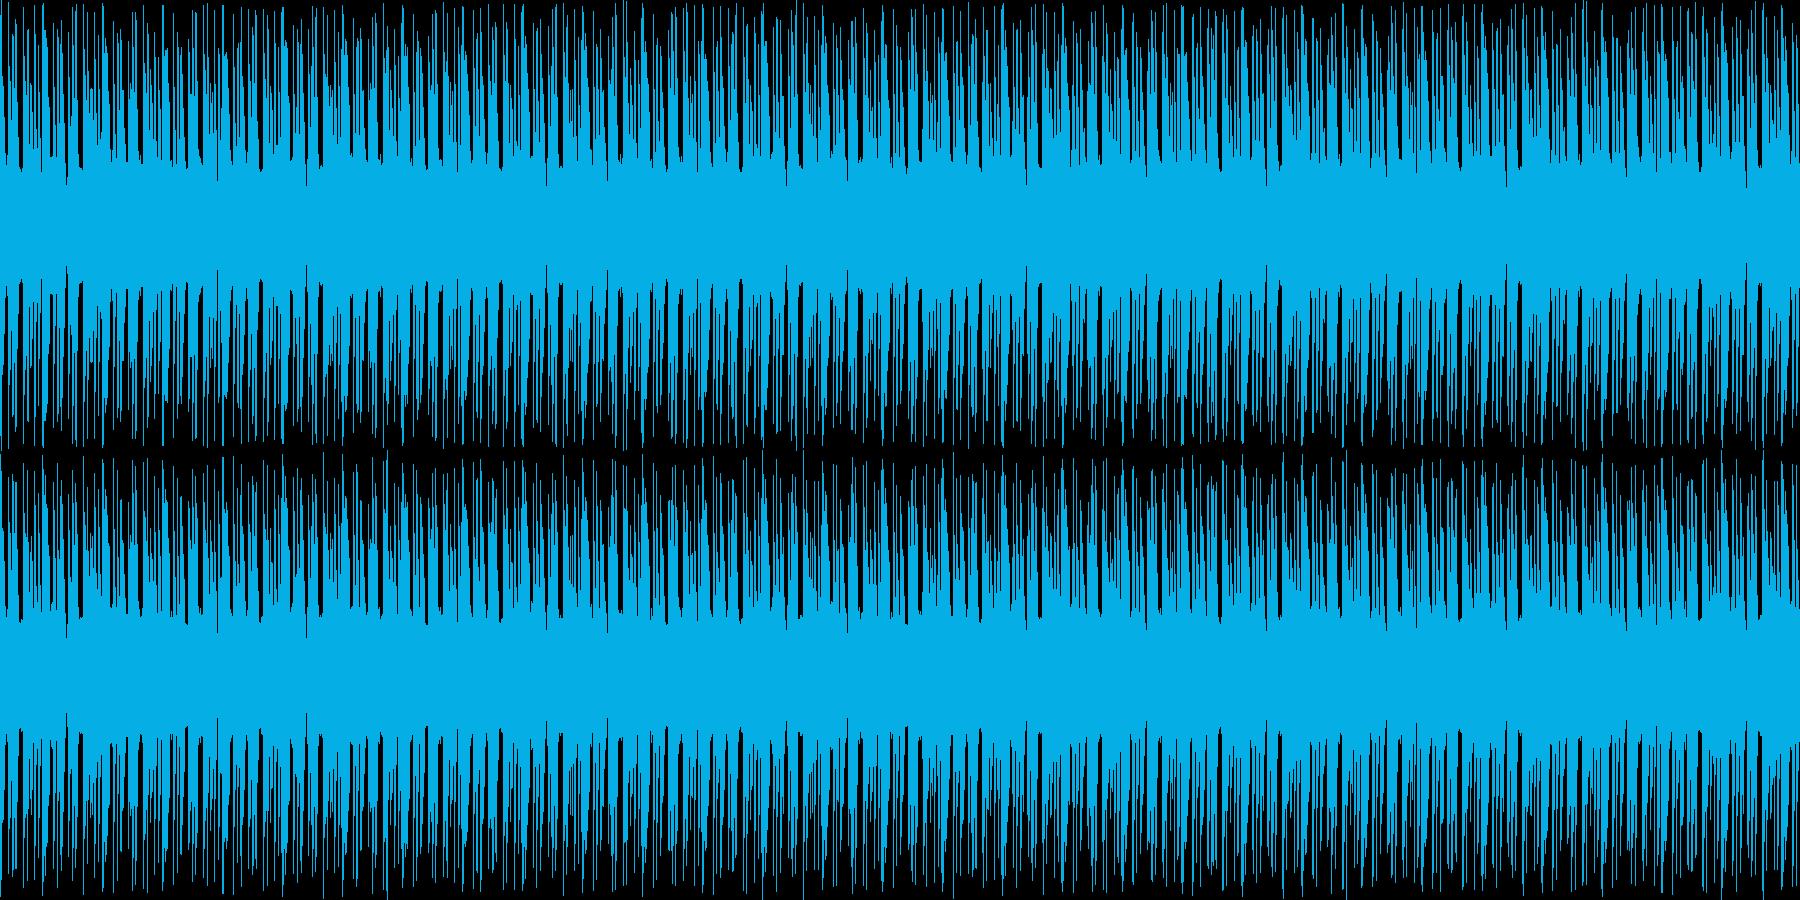 【近未来/サイバーなテクノポップ】の再生済みの波形